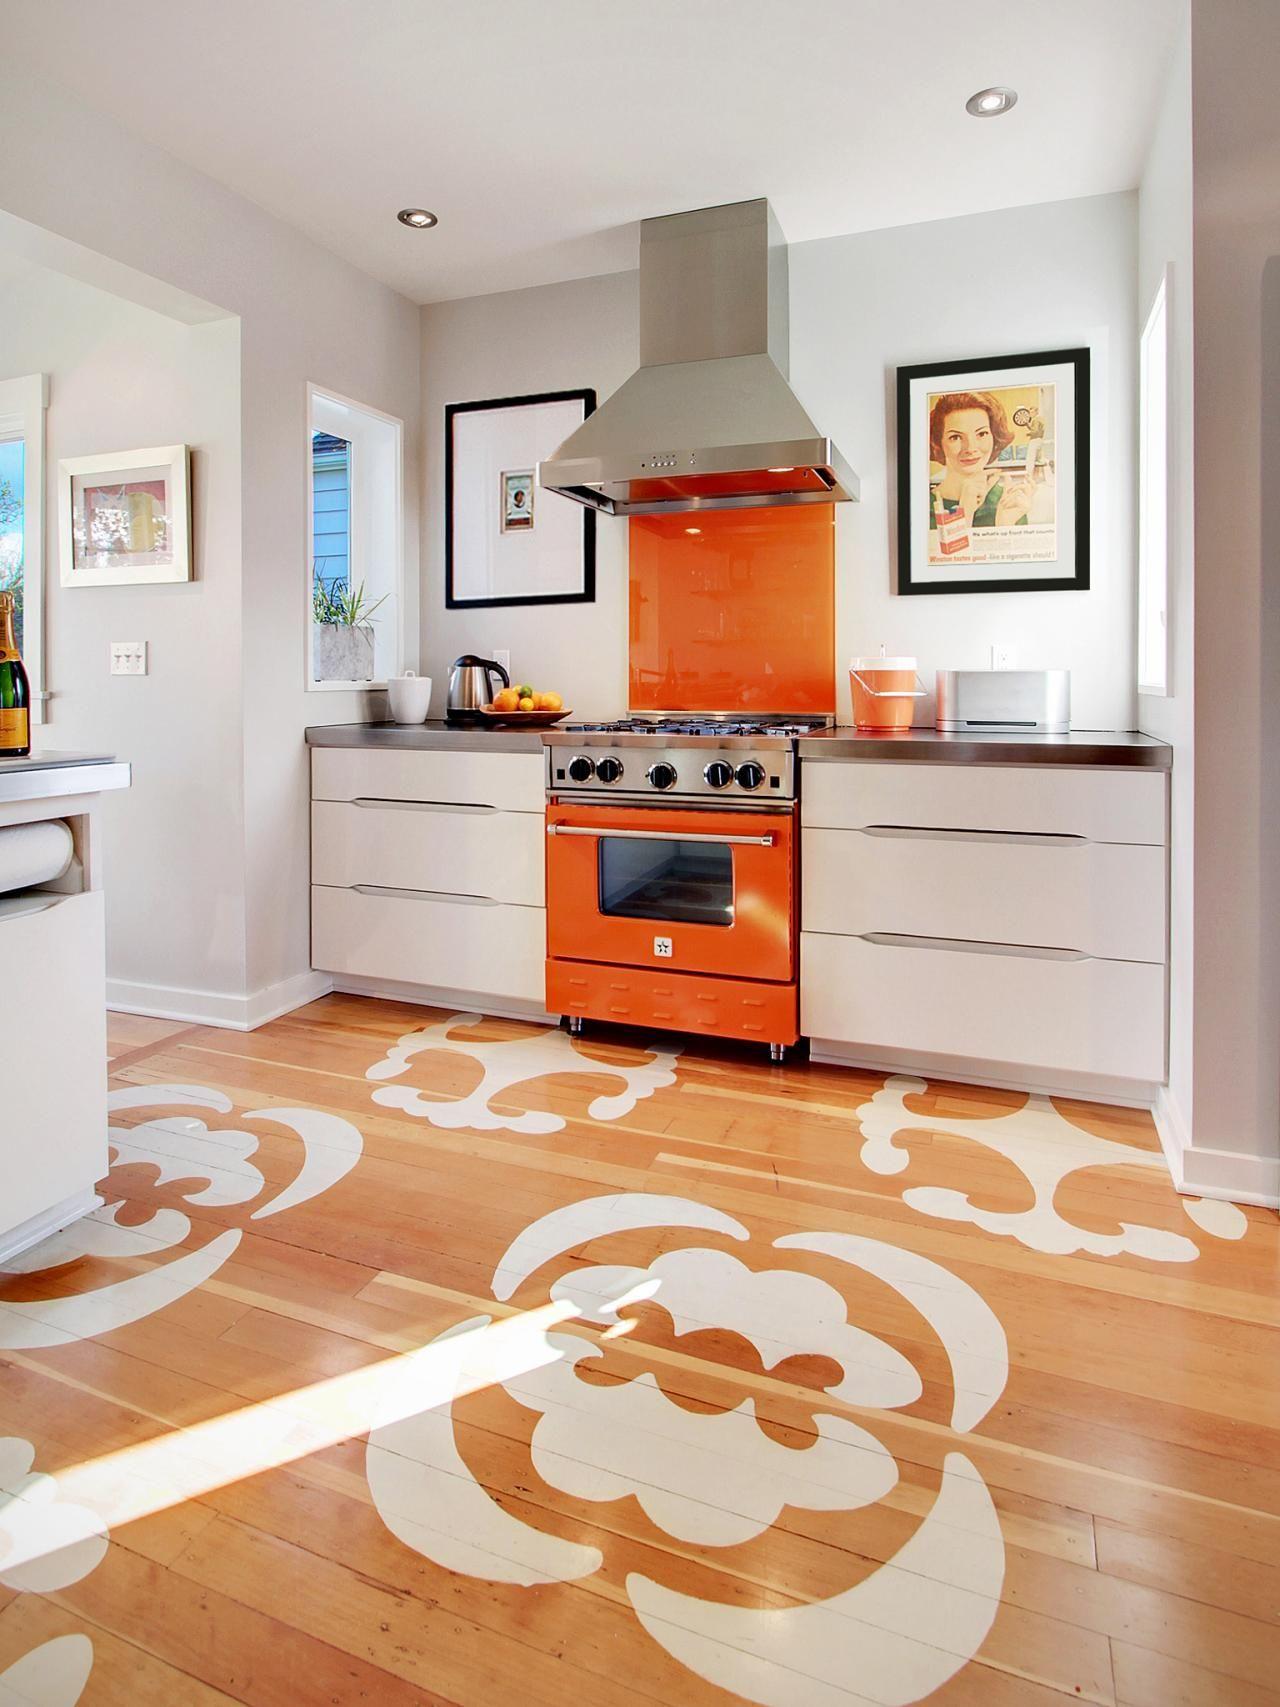 best options for kitchen flooring kitchen floors Stencil the kitchen floor